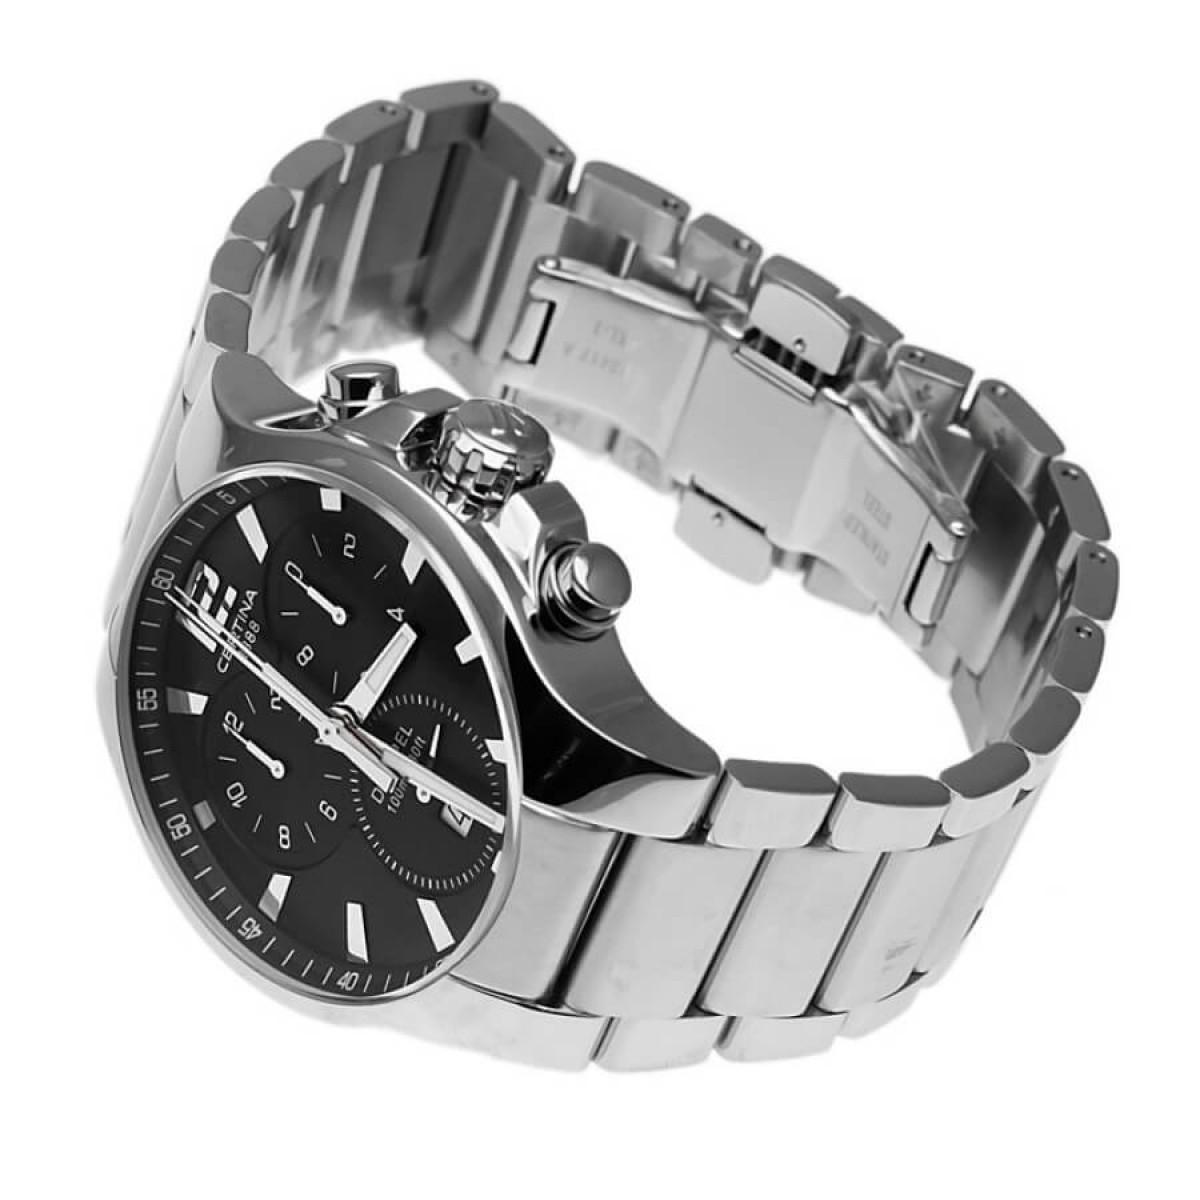 Часовник Certina C012.417.11.057.00